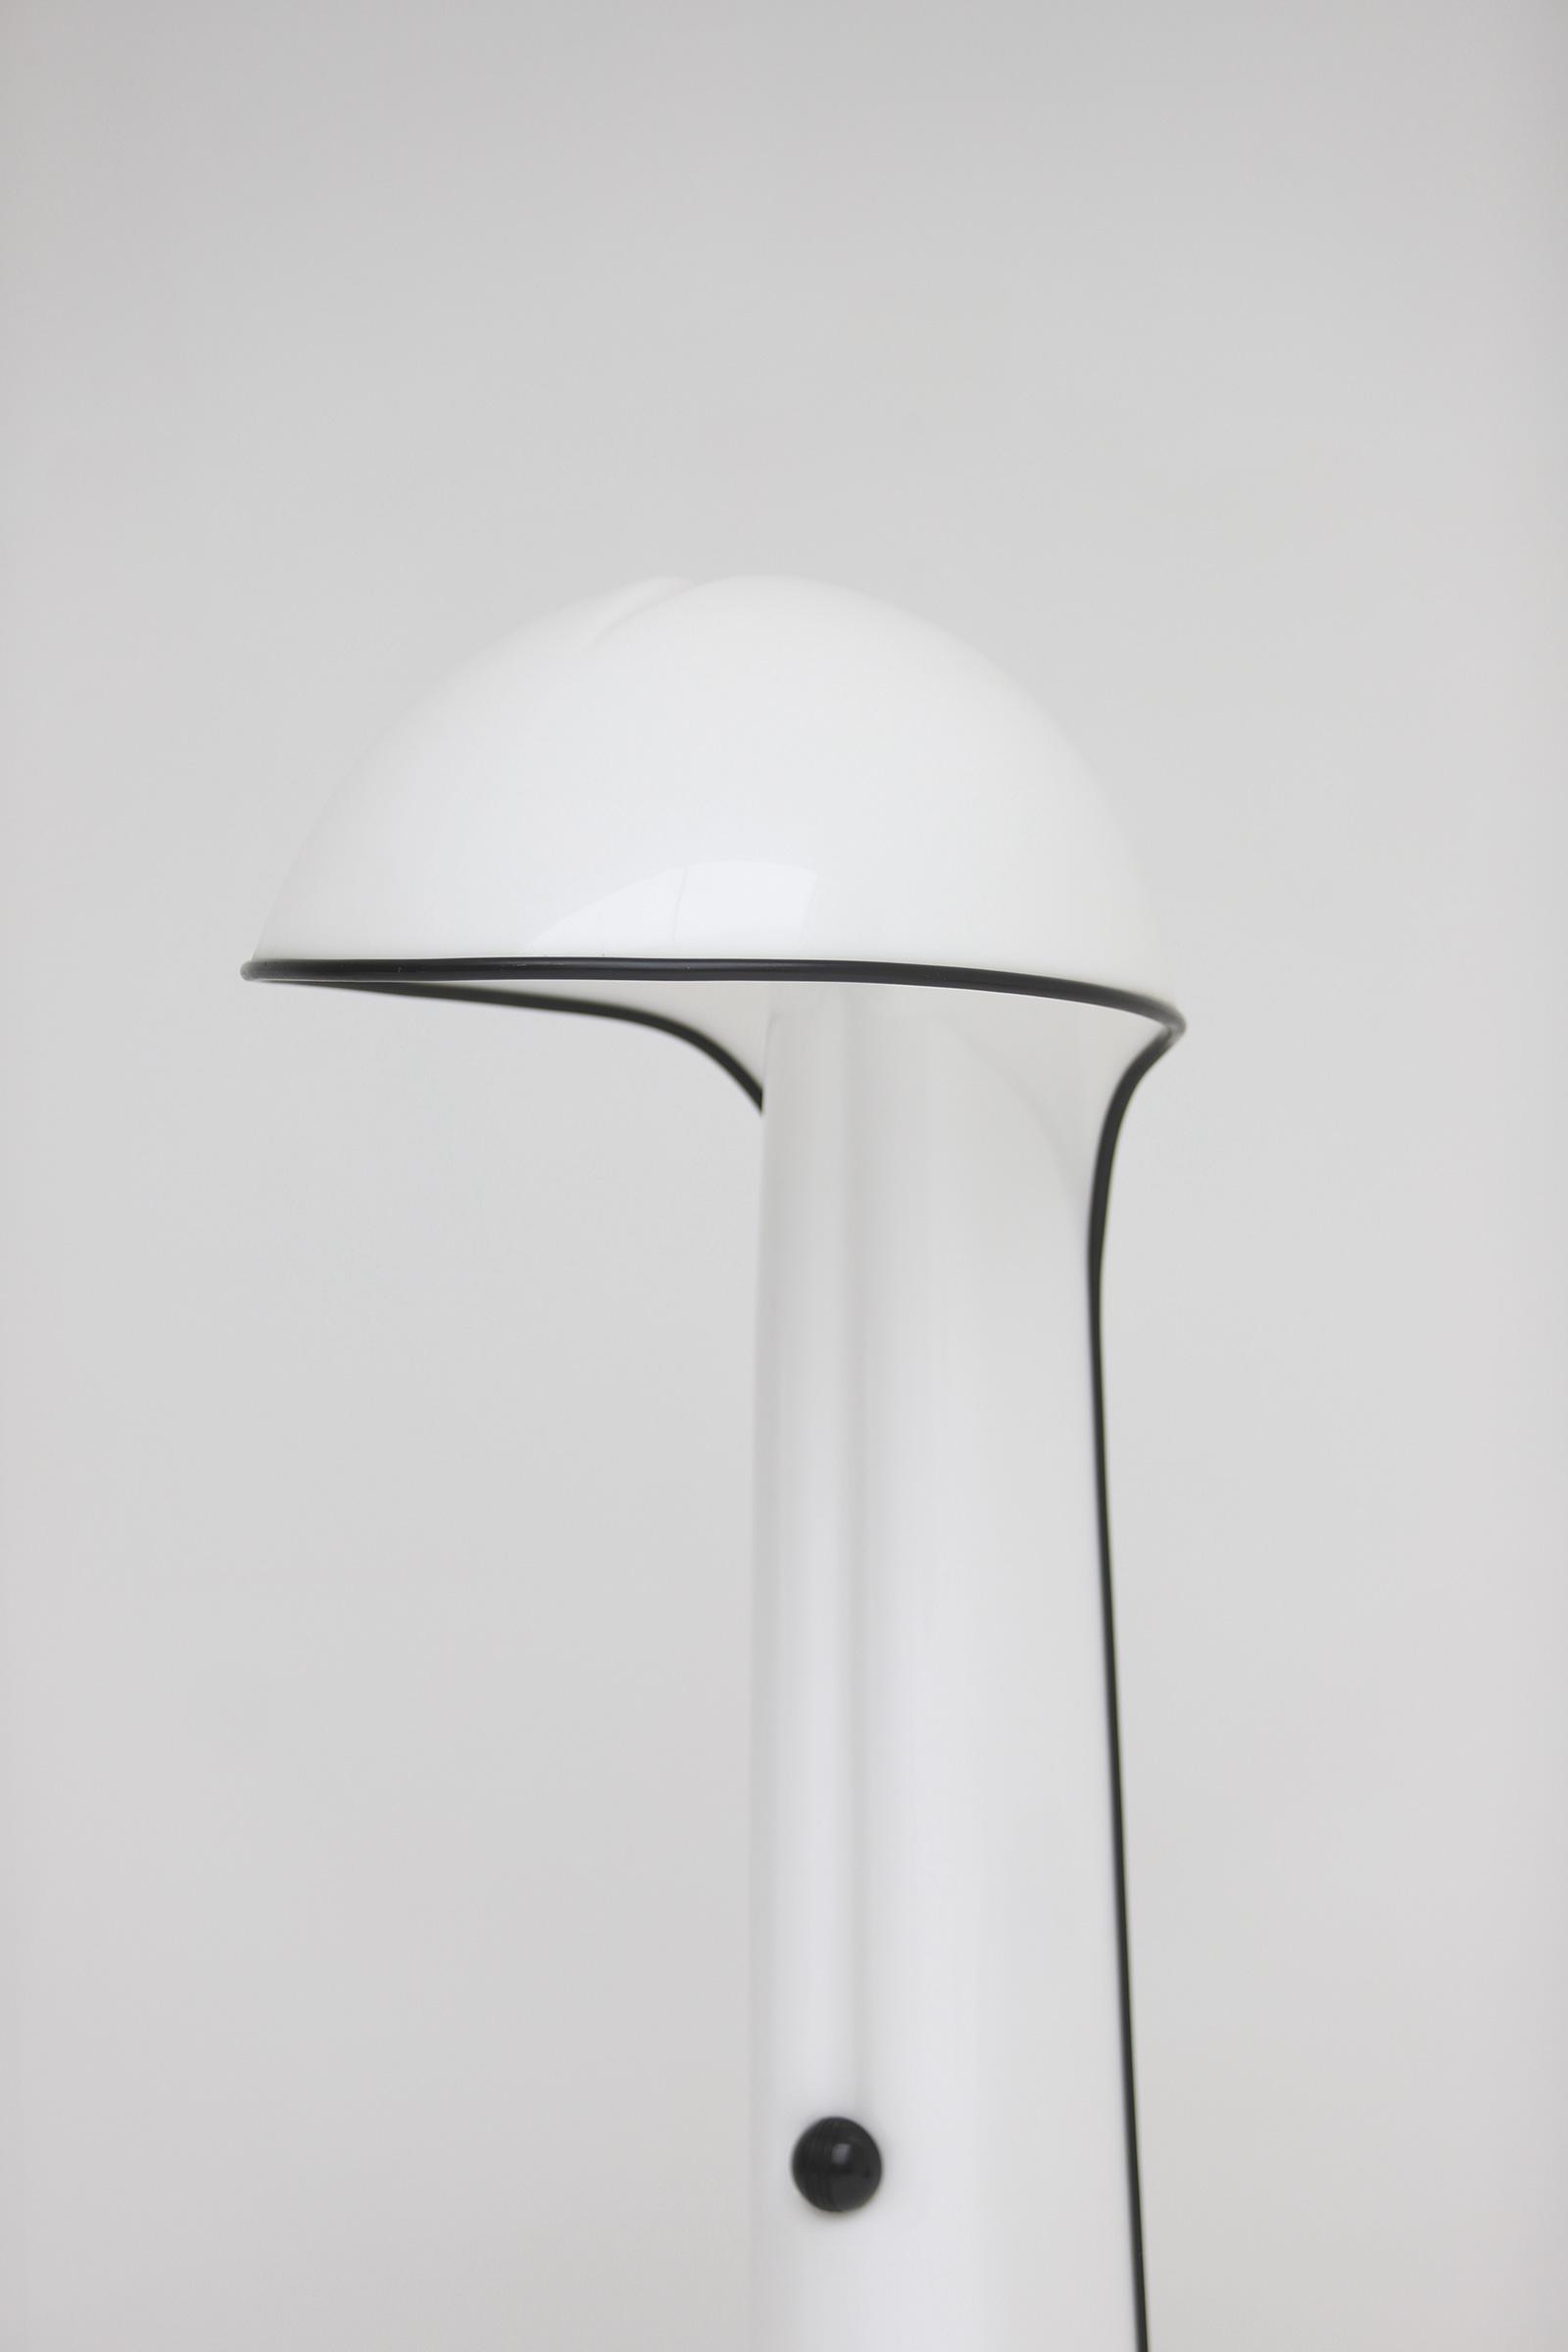 Alba floor lamp by Sergio Brazzoli and Ermanno Lampa for Harvey Guzzini 1973image 4